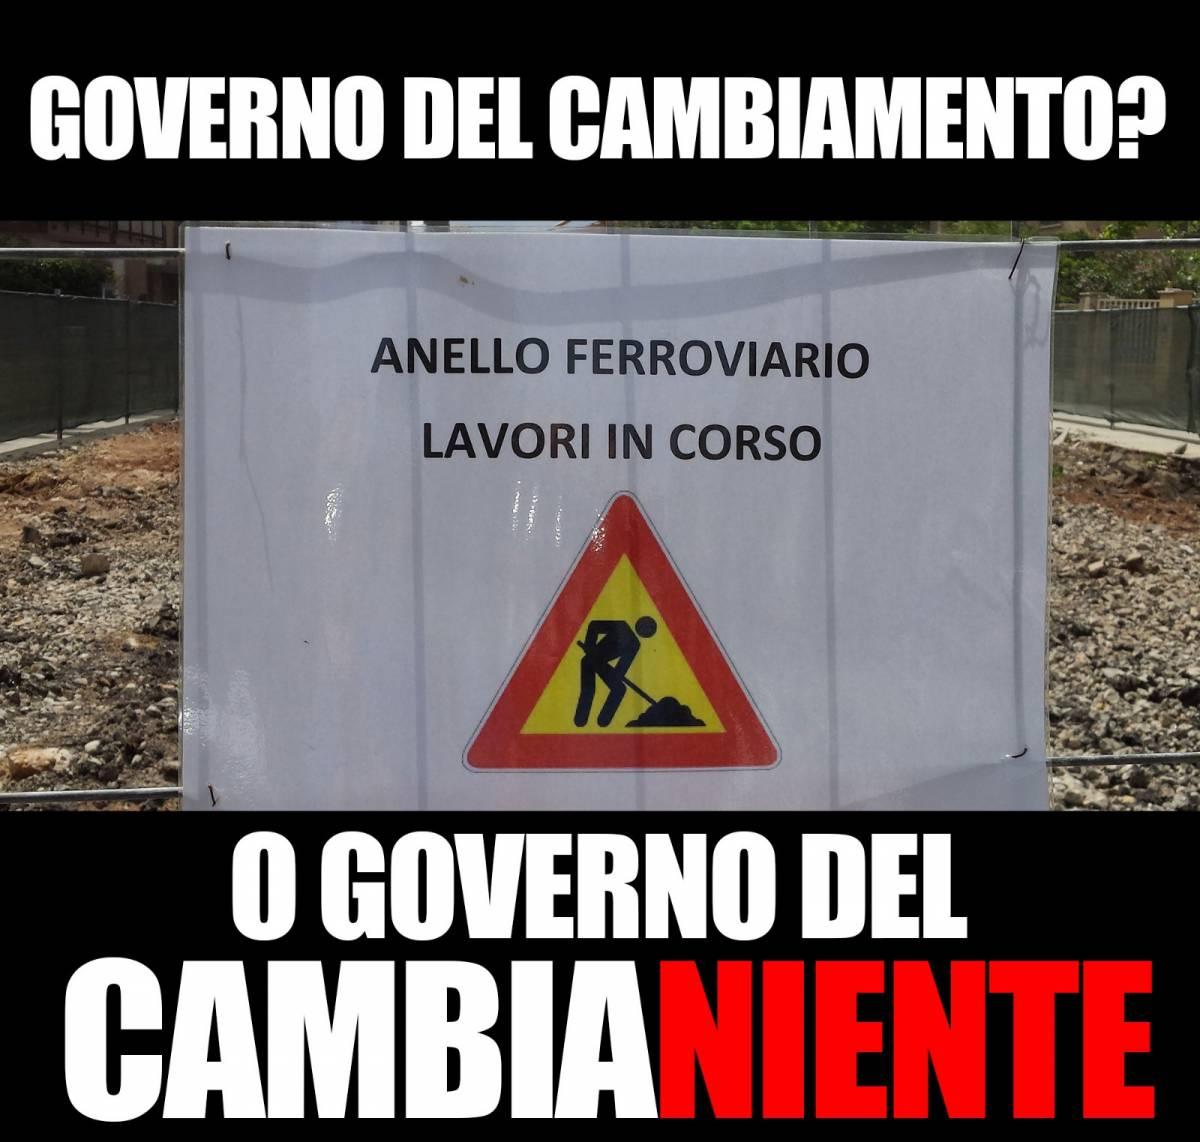 Palermo, i lavori infiniti: una città ostaggio dei cantieri per l'anello ferroviario